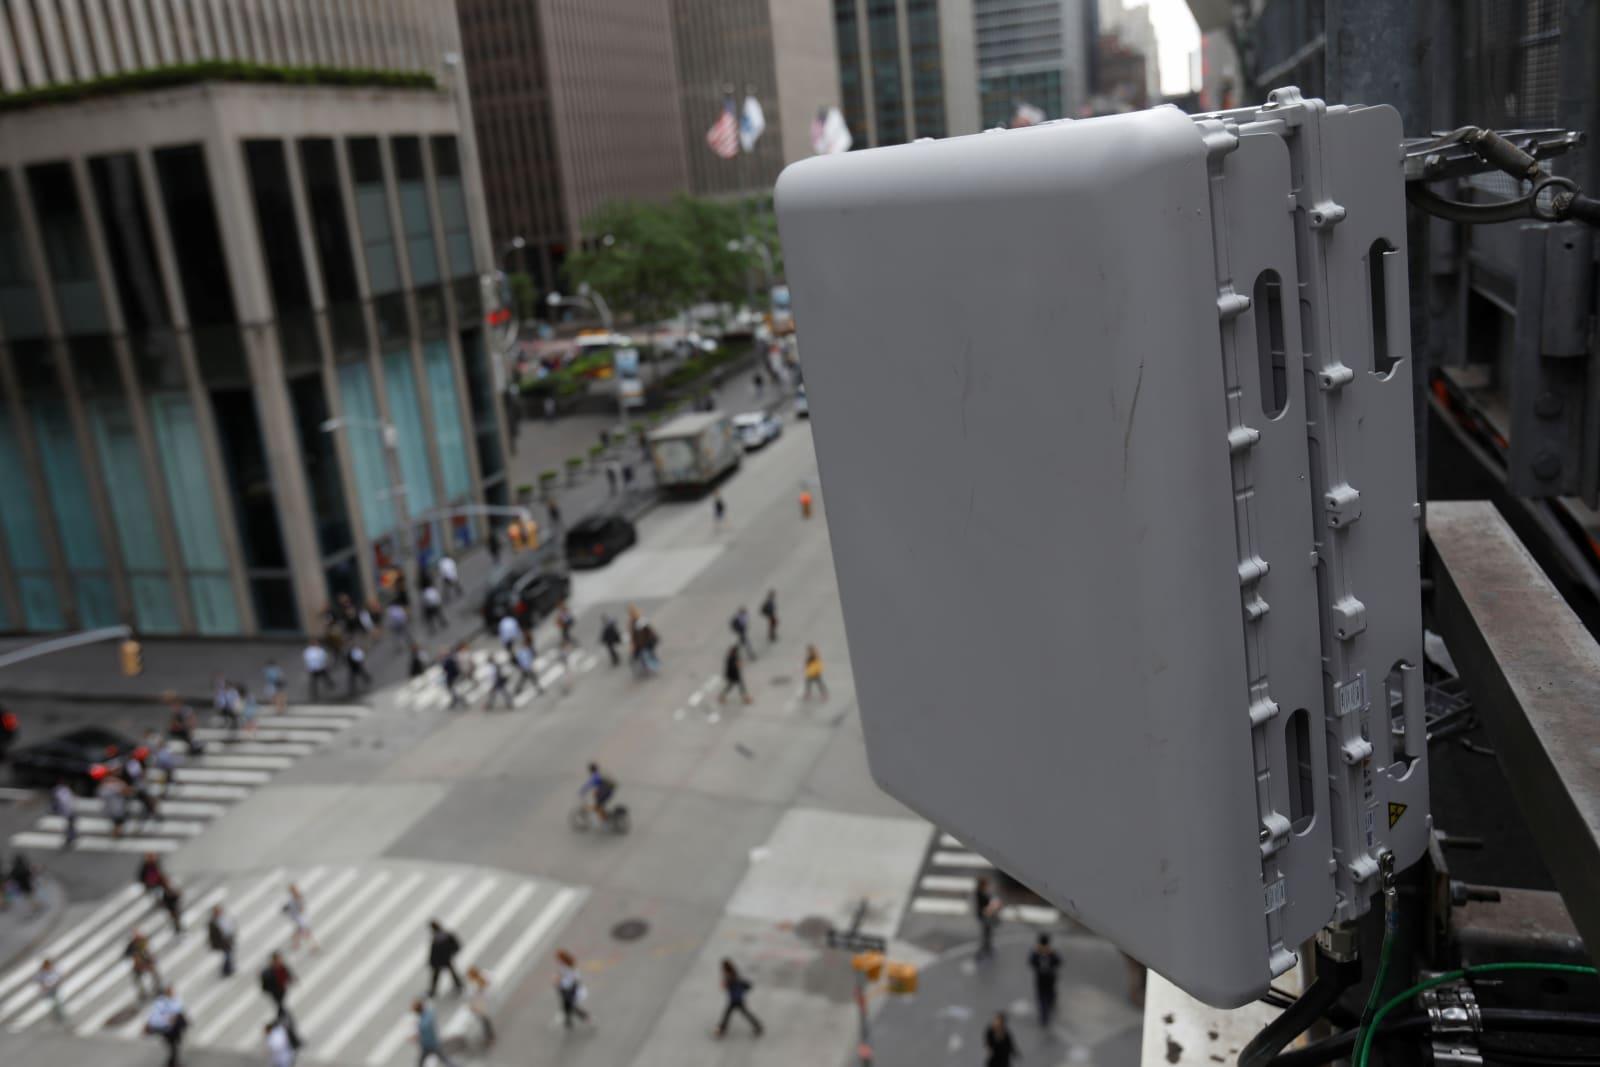 美国或许要求当地 5G 设备都是非中国制造